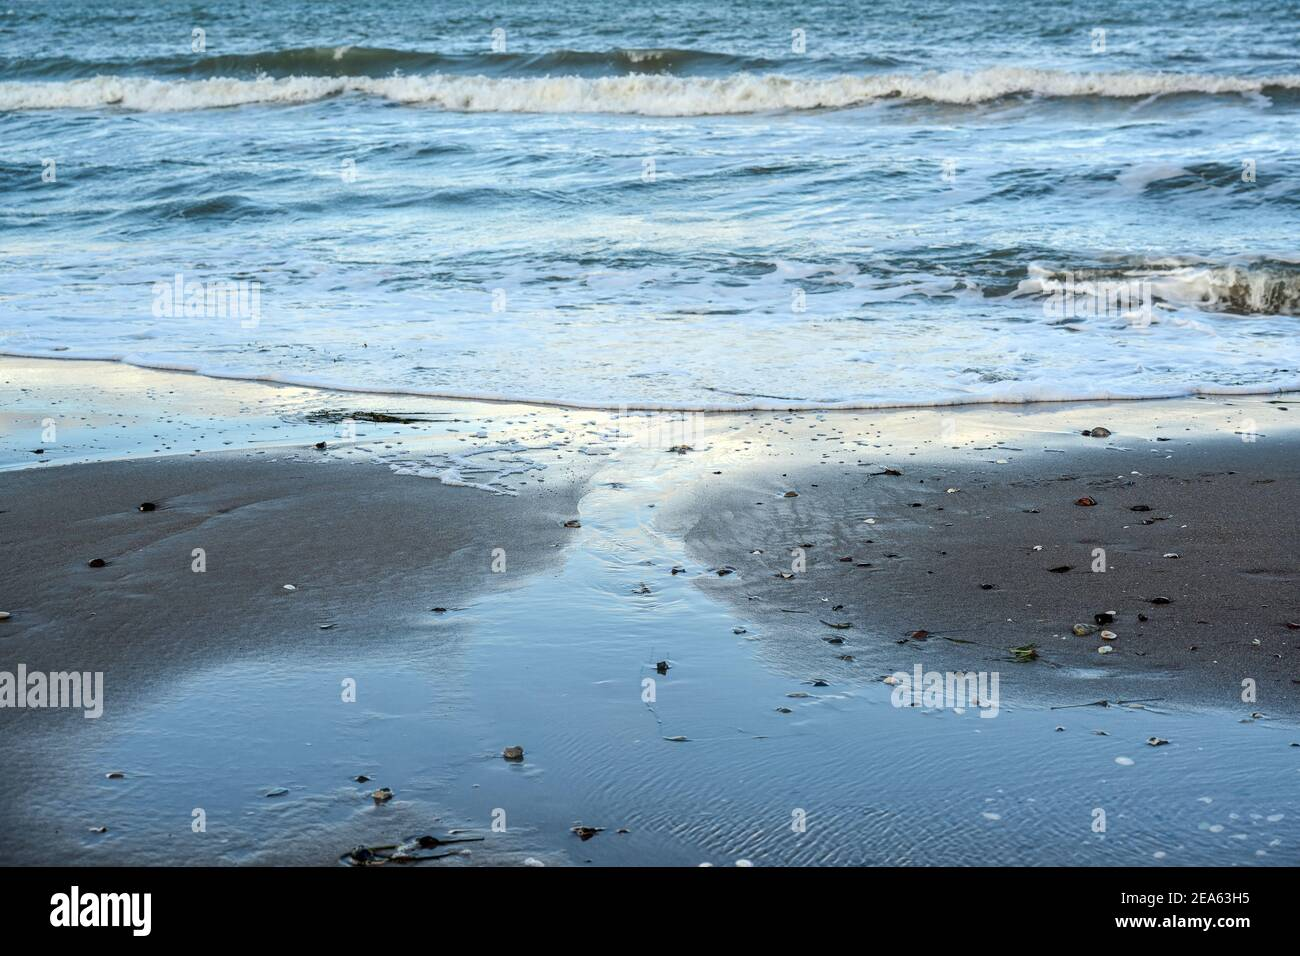 Playa de mar con olas azules y aguas poco profundas en la arena mojada, fondo marino para vacaciones y viajes temas, copiar espacio, enfoque seleccionado, estrecho de Foto de stock